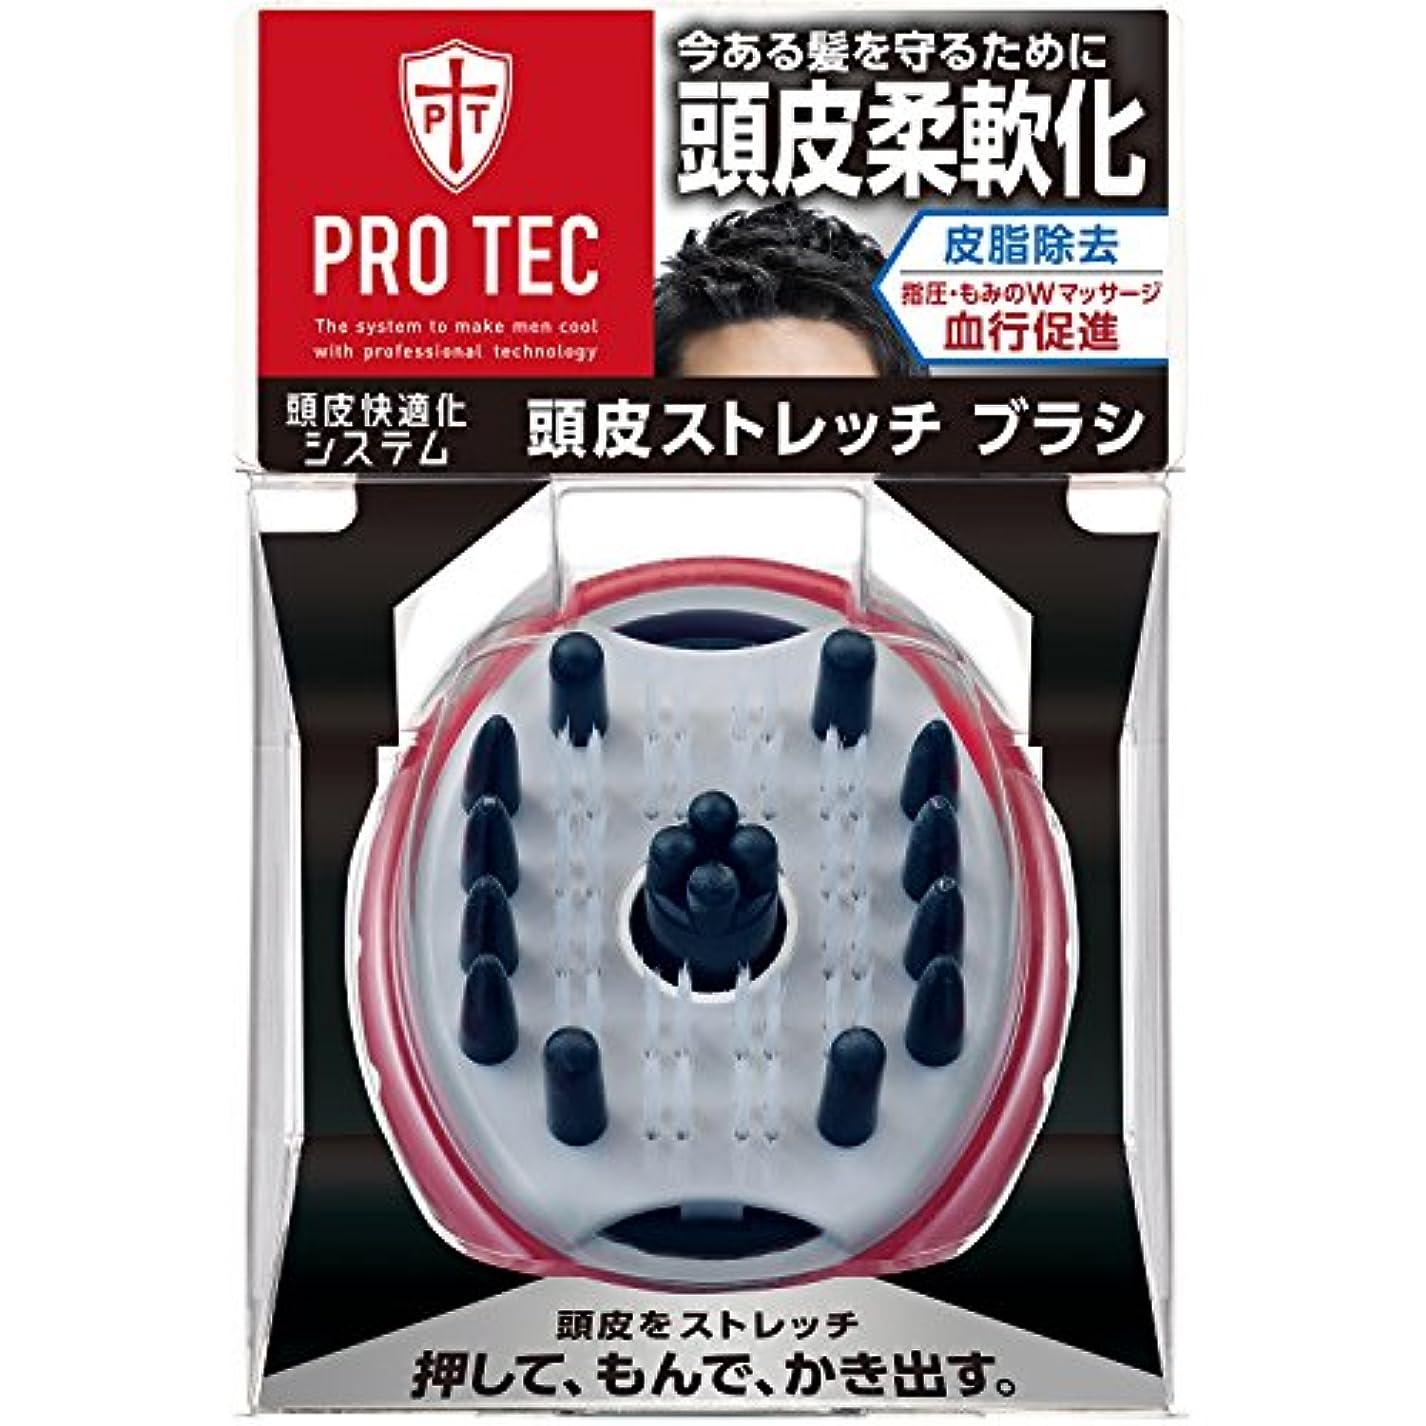 骨折安らぎ表面的なPRO TEC(プロテク) ウォッシングブラシ 頭皮ストレッチタイプ